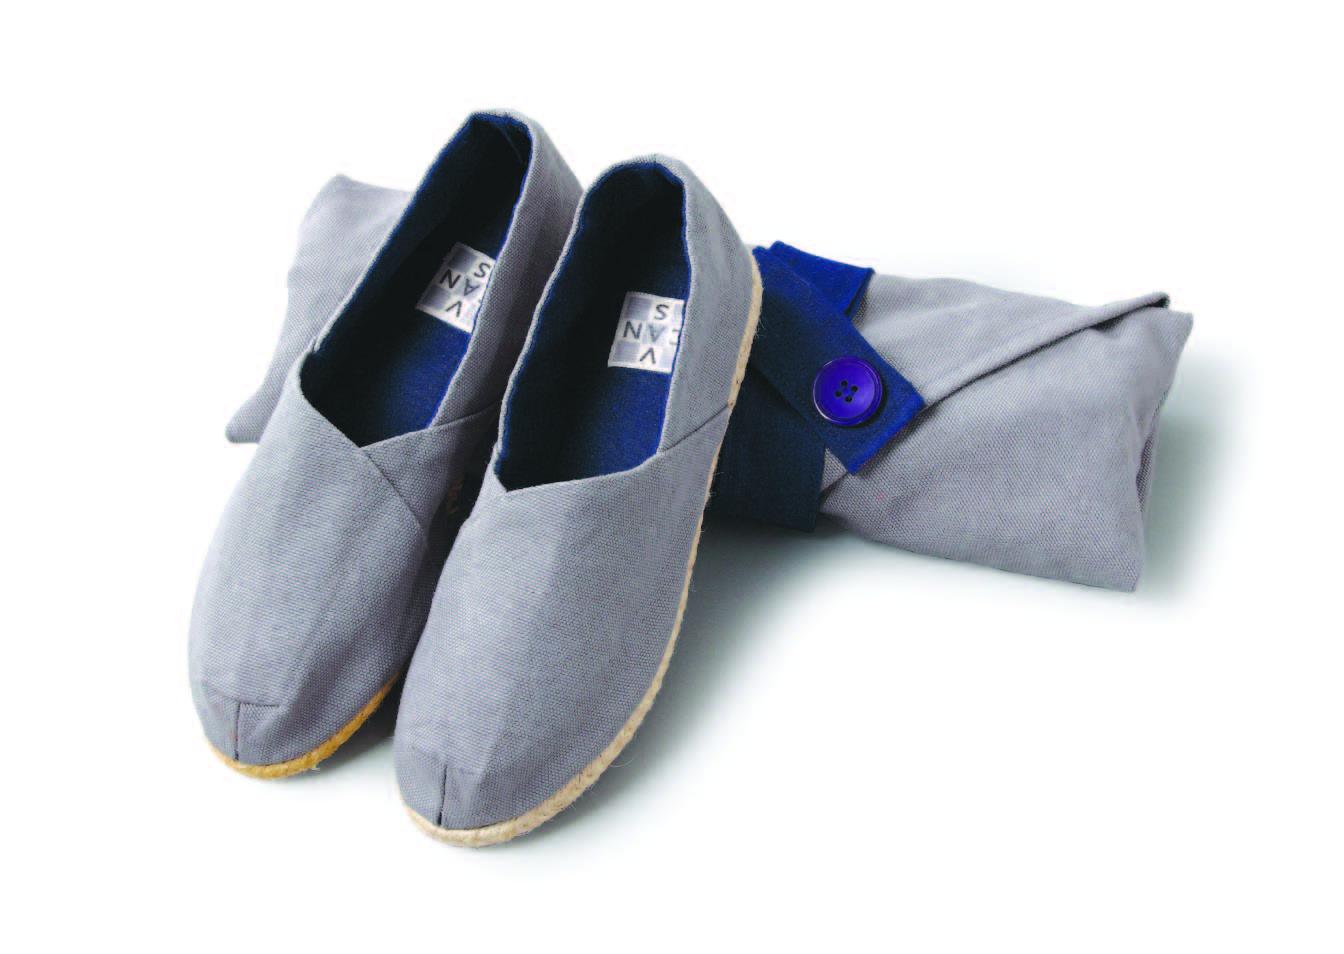 31-Slip-onSneakersMadeofHanjiFabric.jpg